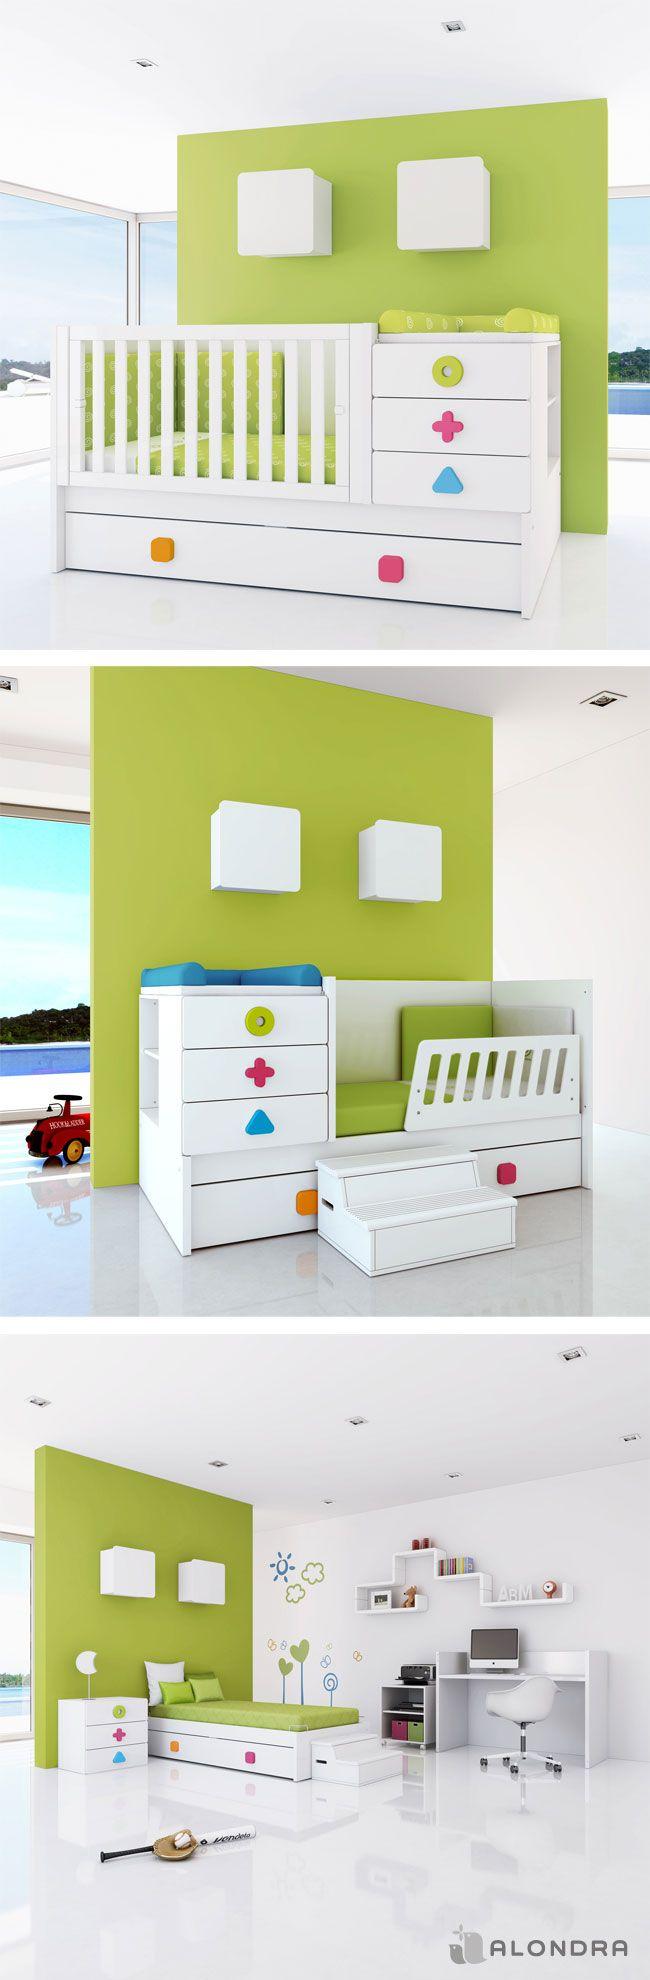 ¡Increíble transformación de la cuna ZERO MATHS de ALONRA! Es la opción perfecta a largo plazo, una cuna que se convierte en habitación completa tanto para niño como para niña. Además, está disponible en más colores.